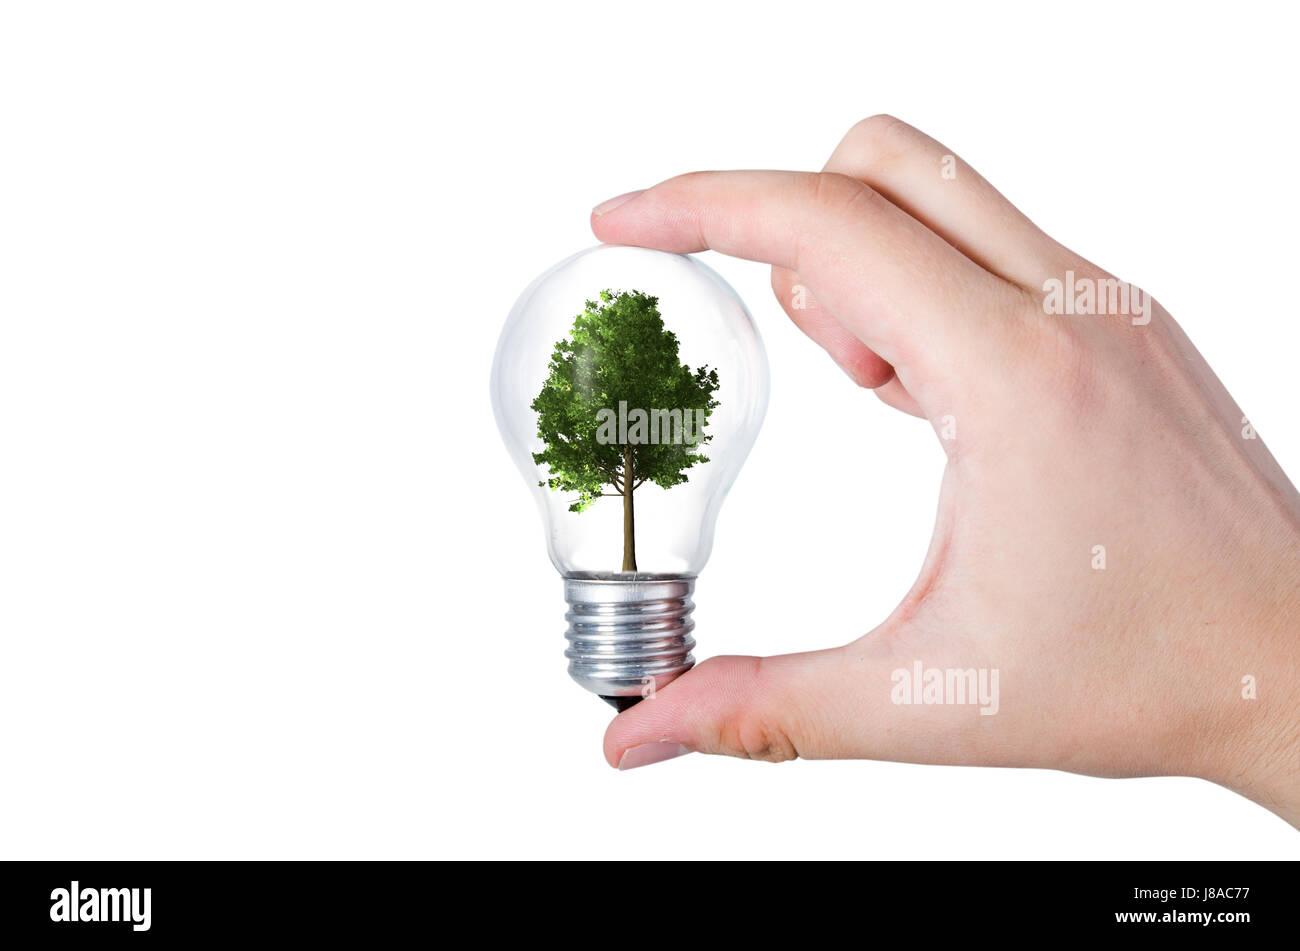 Concepto de eficiencia energética. Composición abstracto con un árbol en el bulbo sobre fondo blanco. Imagen De Stock